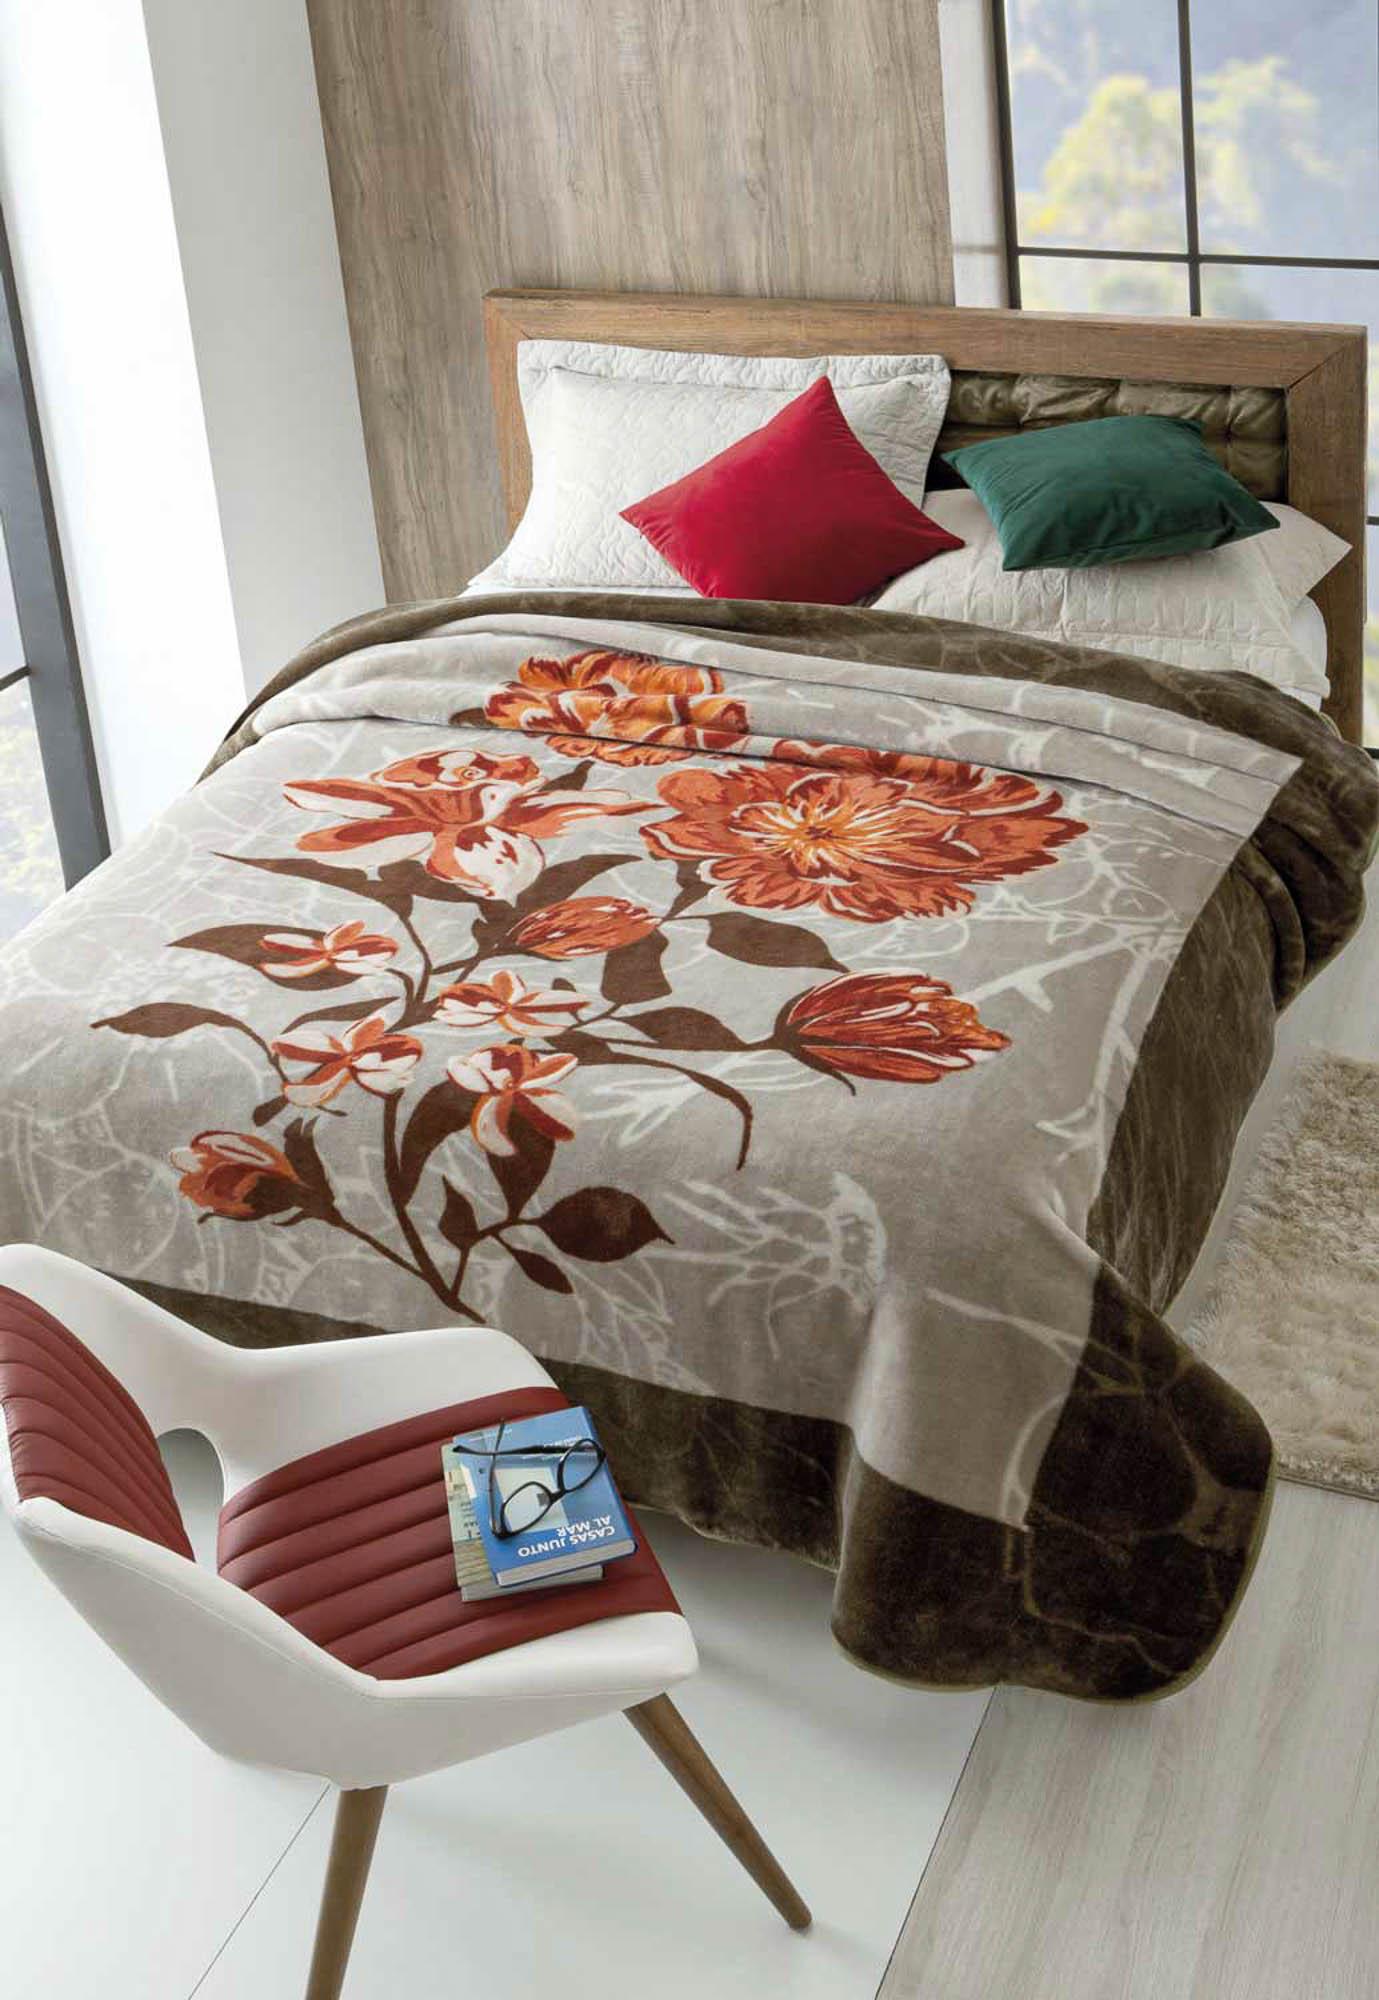 Cobertor Jolitex Raschel Casal 1,80x2,20m Renascensse